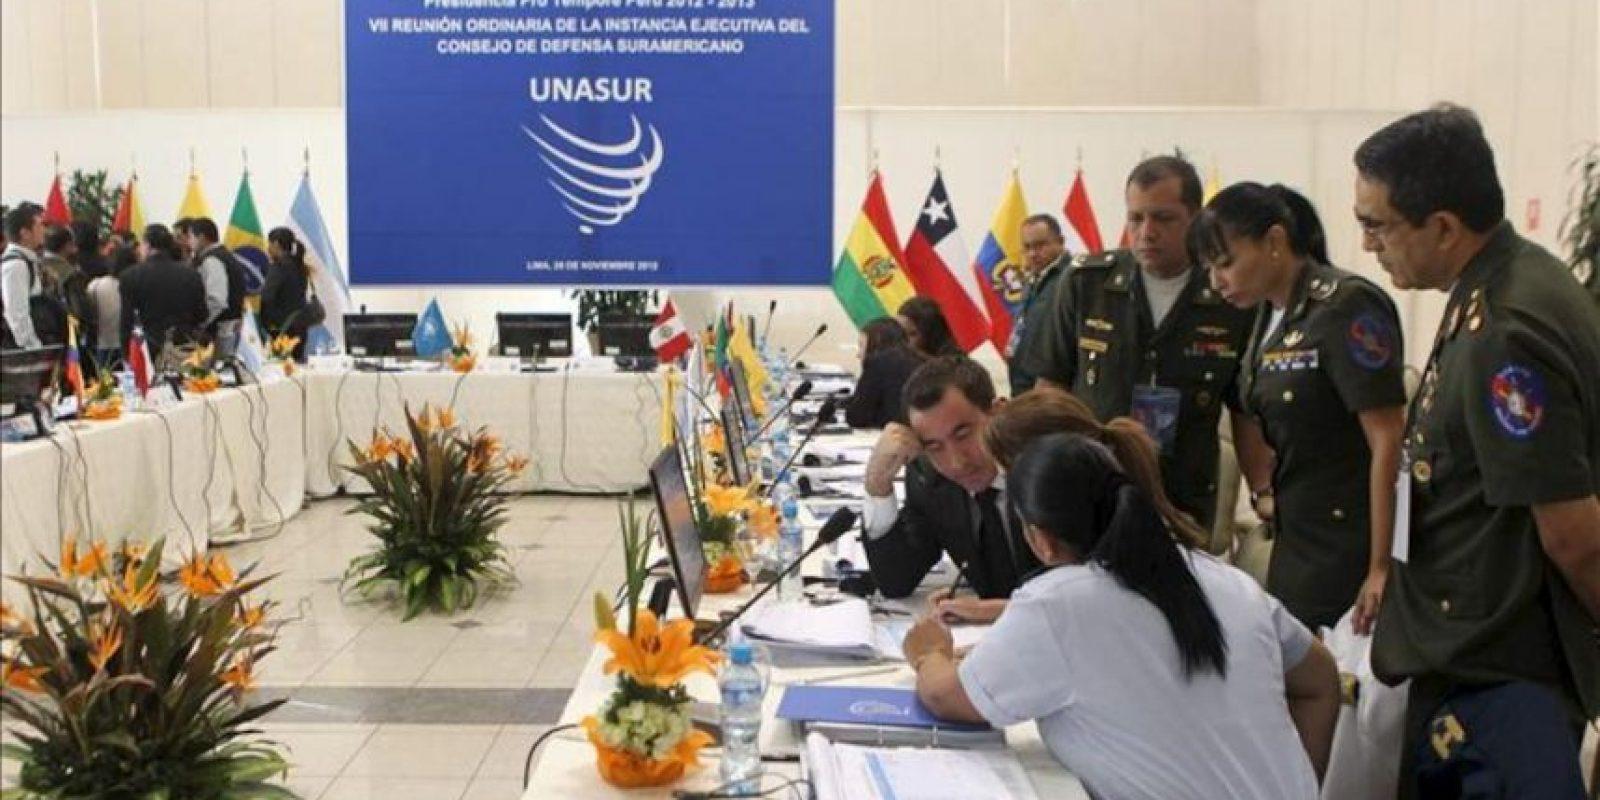 El Consejo de Defensa Suramericano (CDS) de la Unión de Naciones Suramericanas (Unasur) reunido en Lima, para debatir una serie de medidas para fortalecer al sector y aprobar su Plan de Acción de 2013. EFE